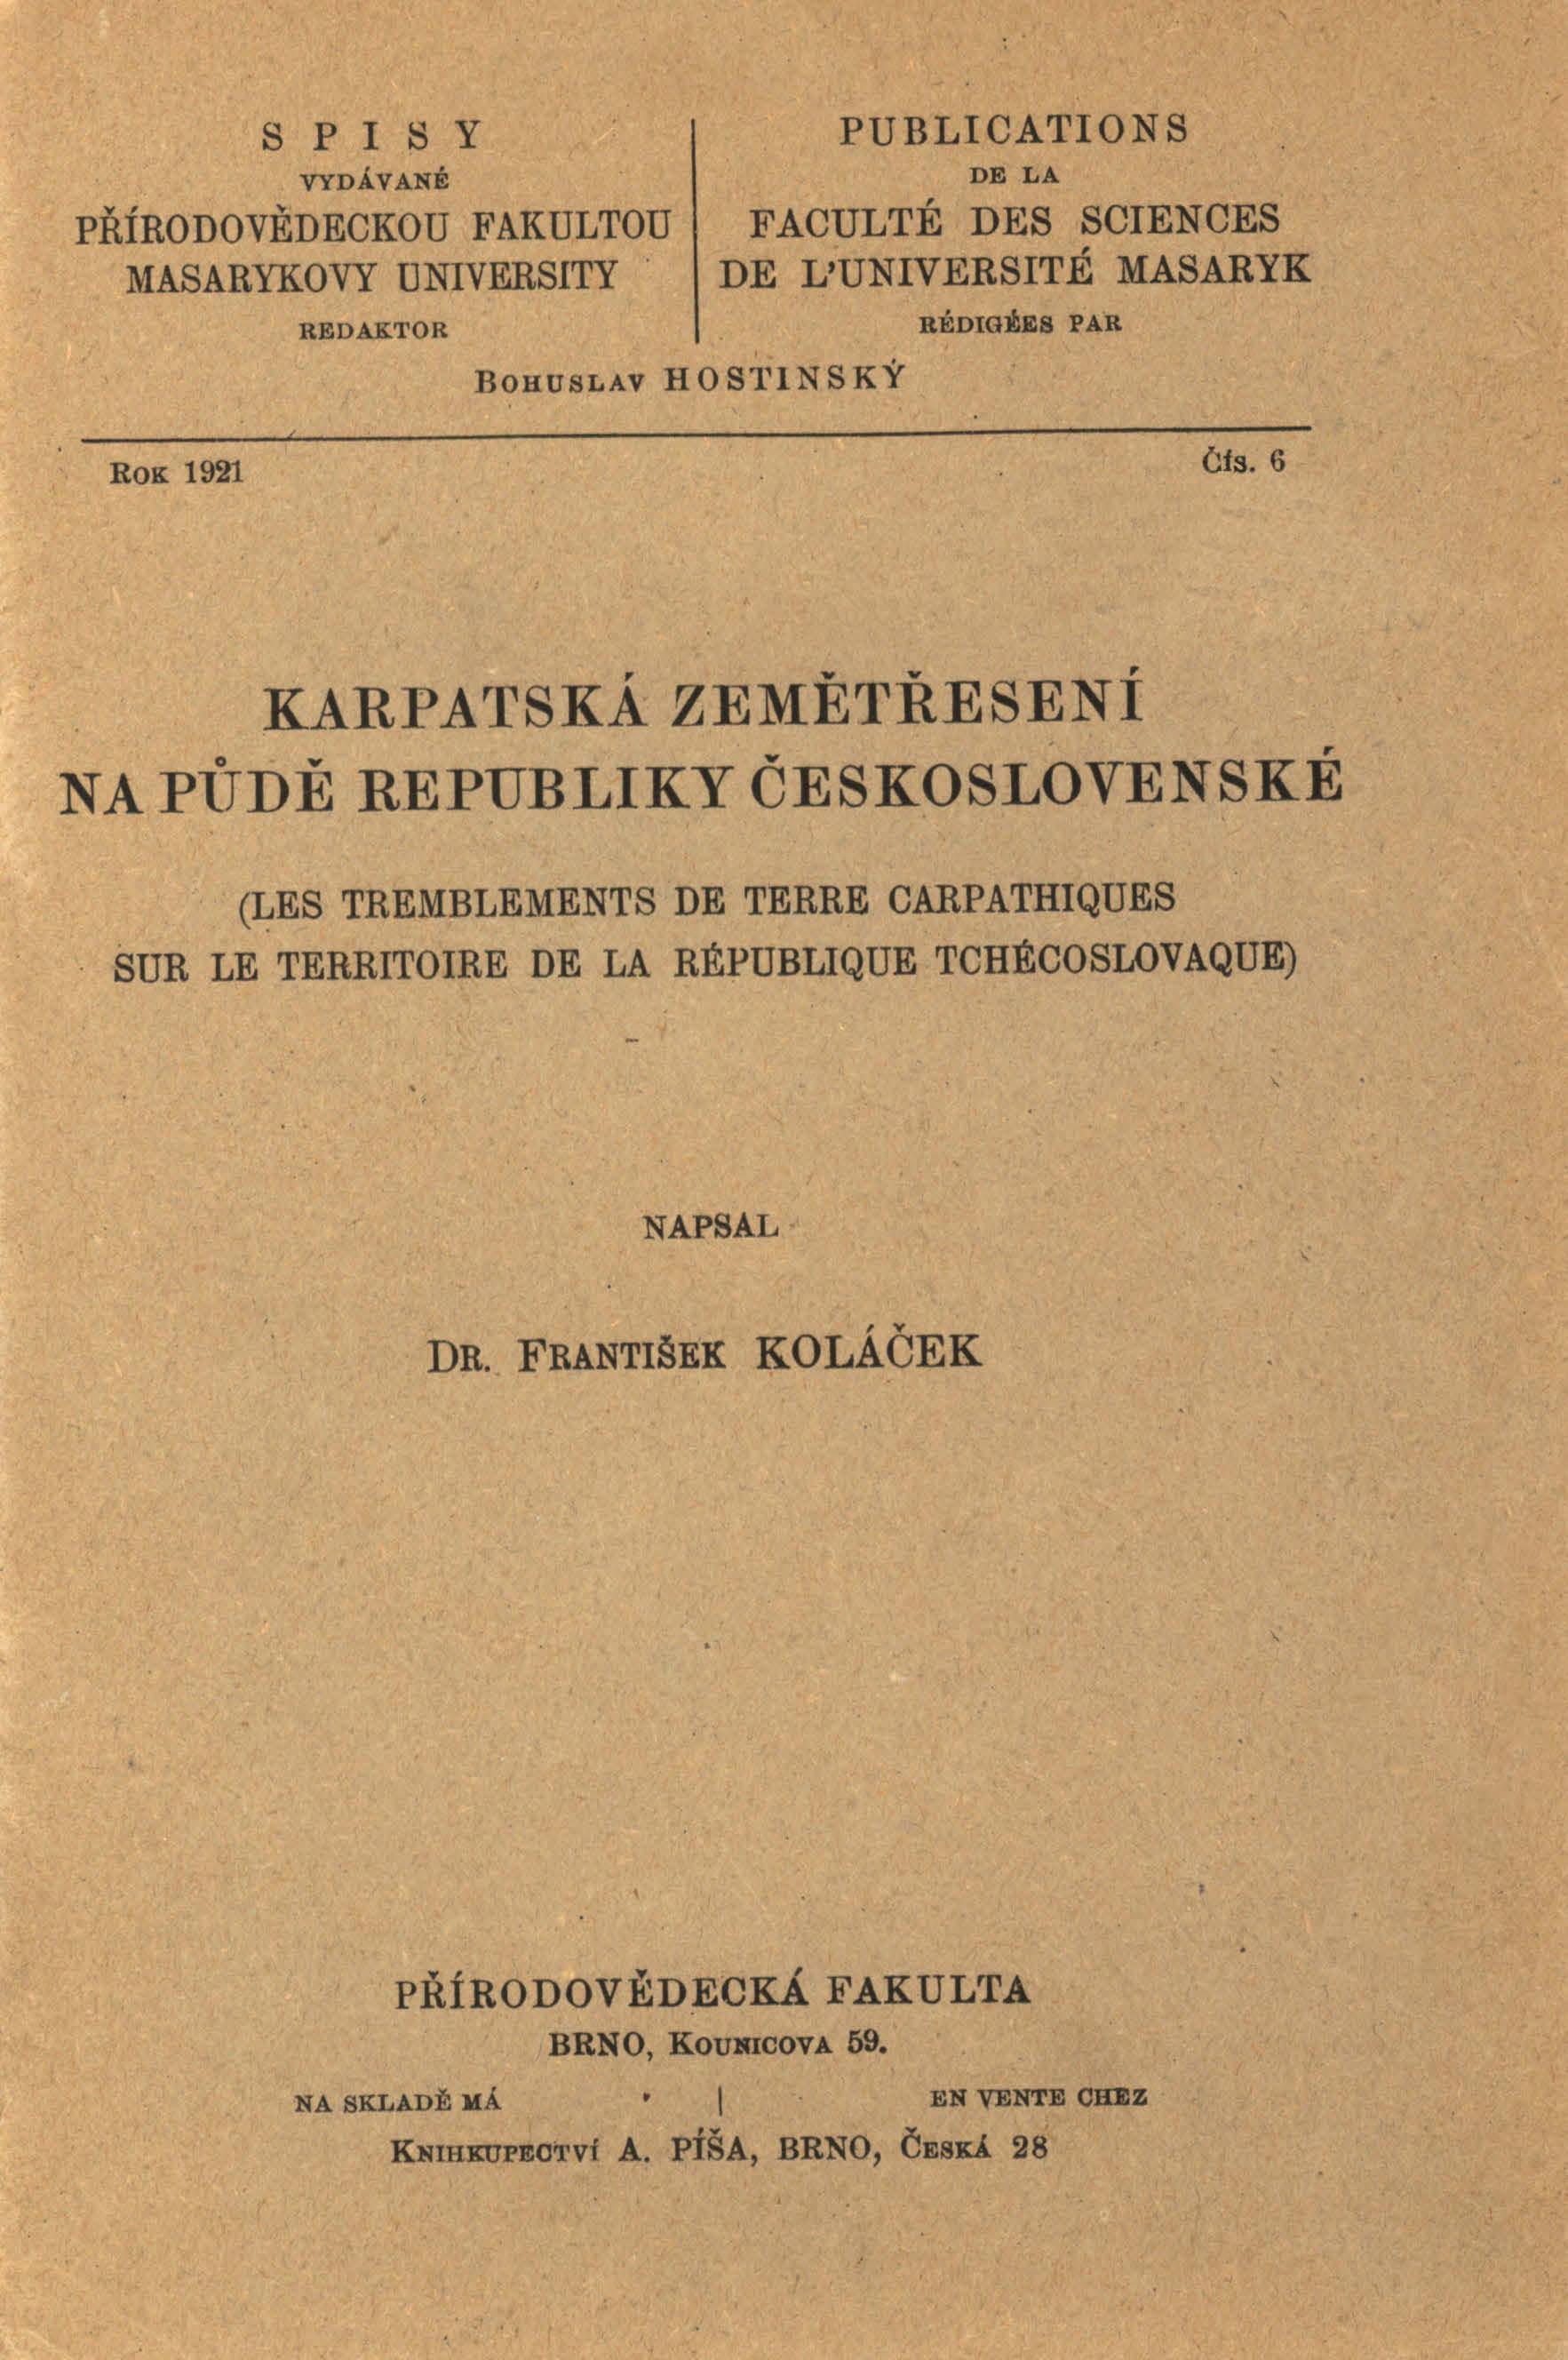 Obálka pro Karpatská zemětřesení na půdě republiky Československé